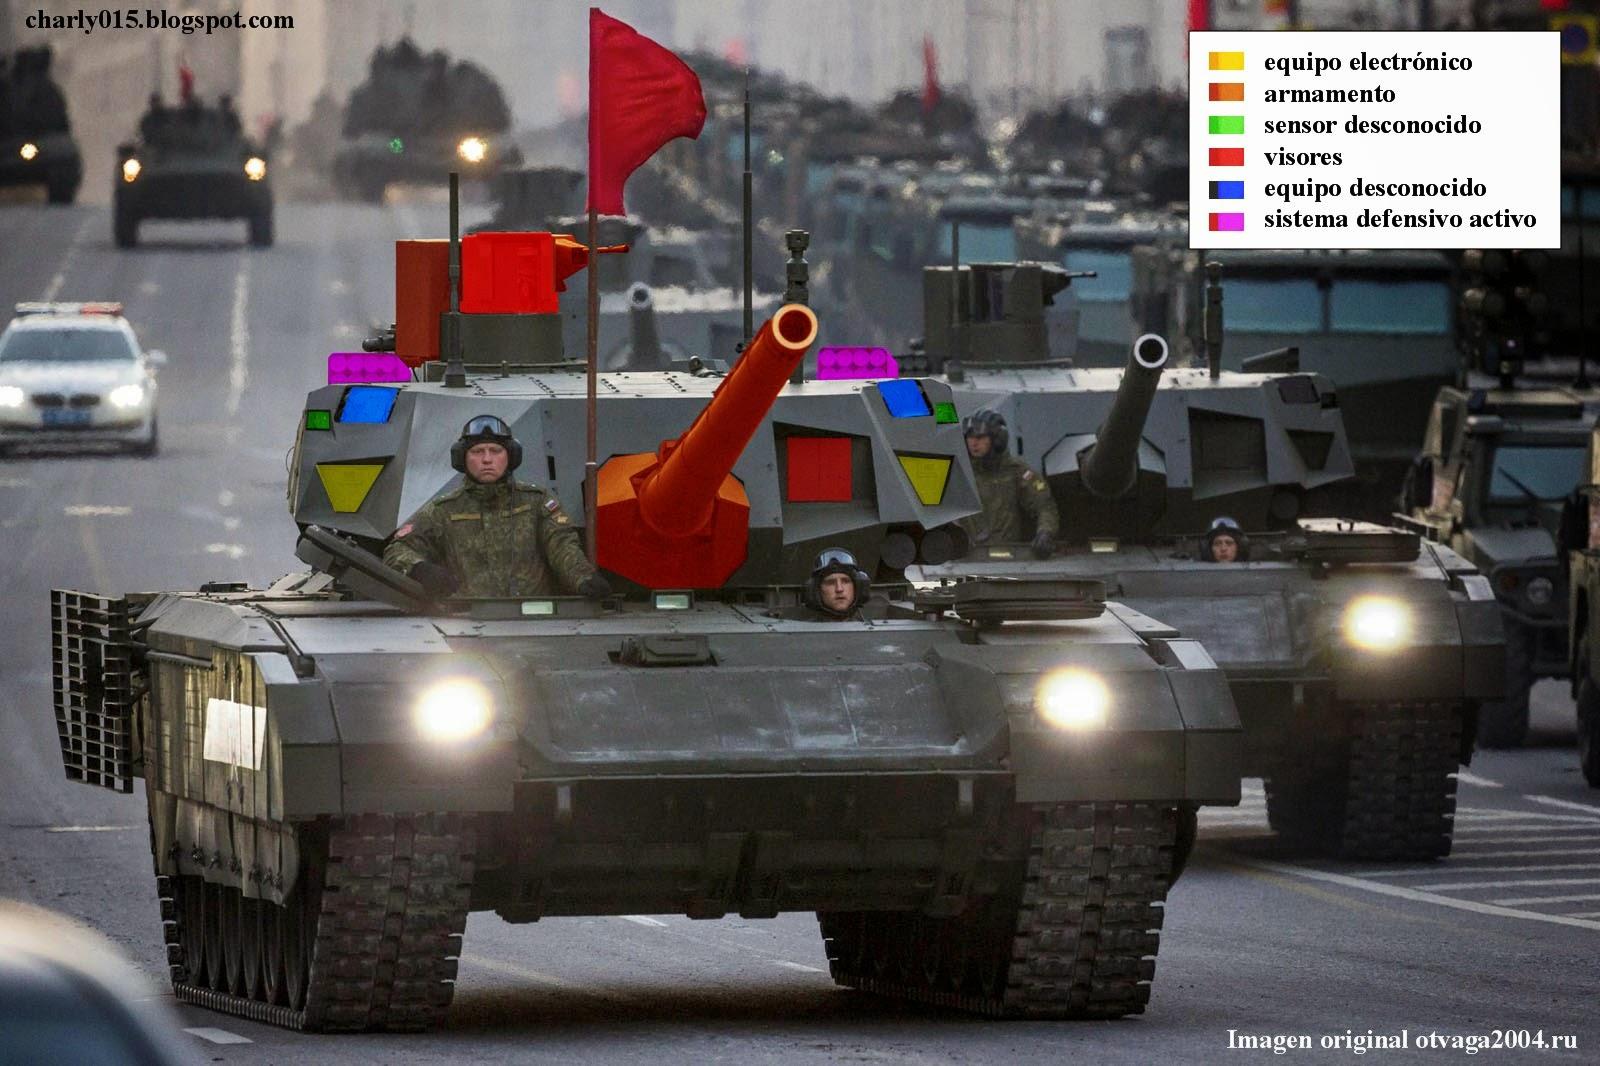 Rusia - Página 18 Armata%2Bequipos%2By%2Bsensores